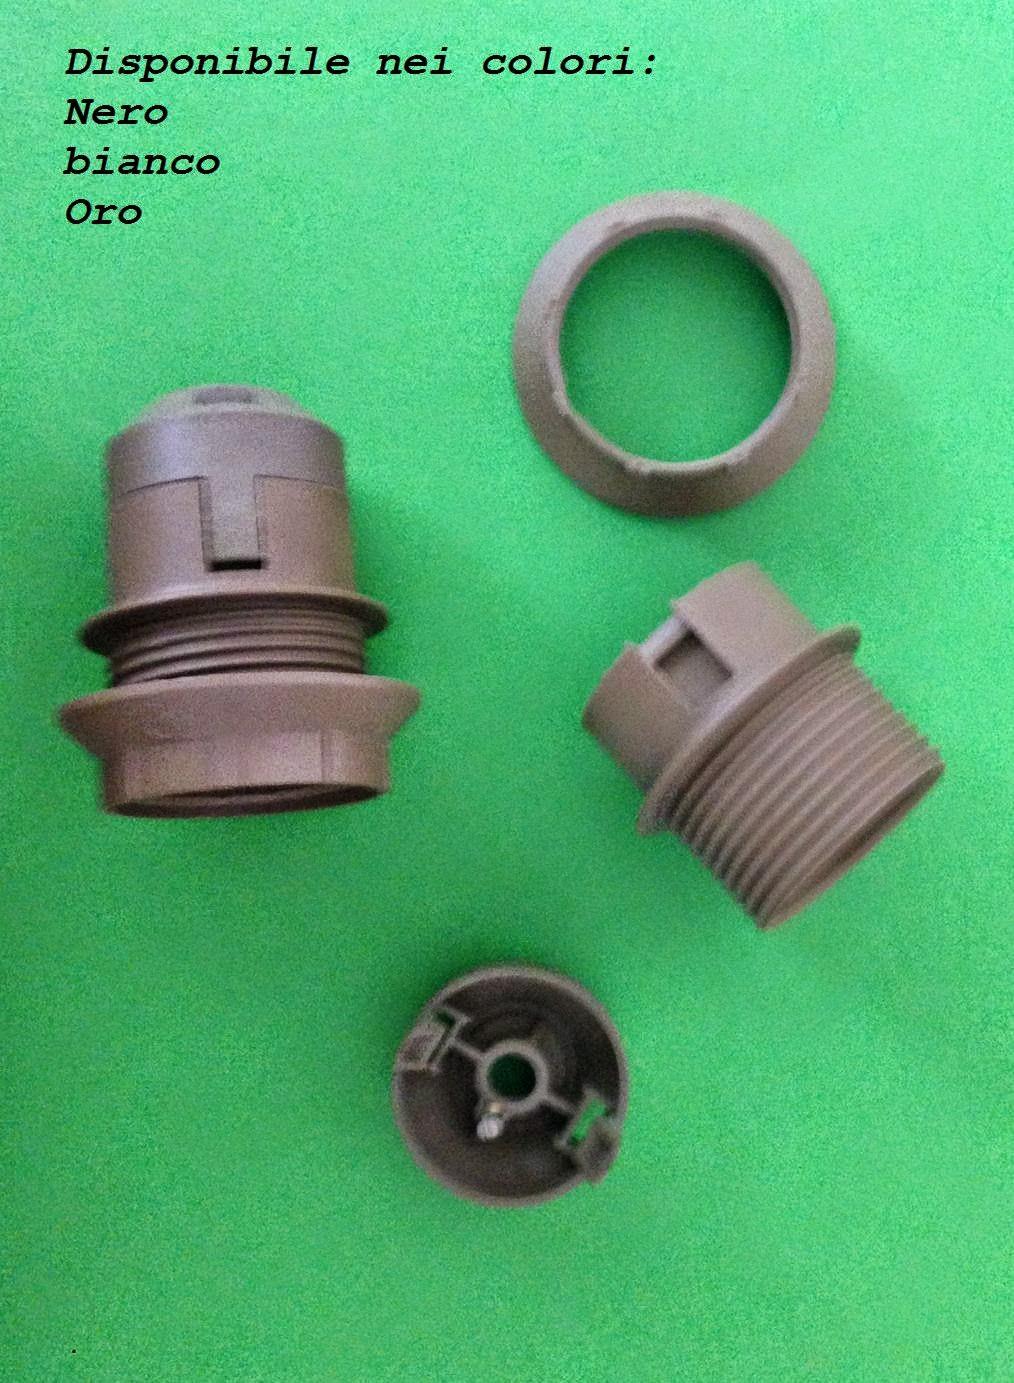 riparazione lampadari : Accessori ricambi e minuteria per lampadari : Inventario Materiale ...